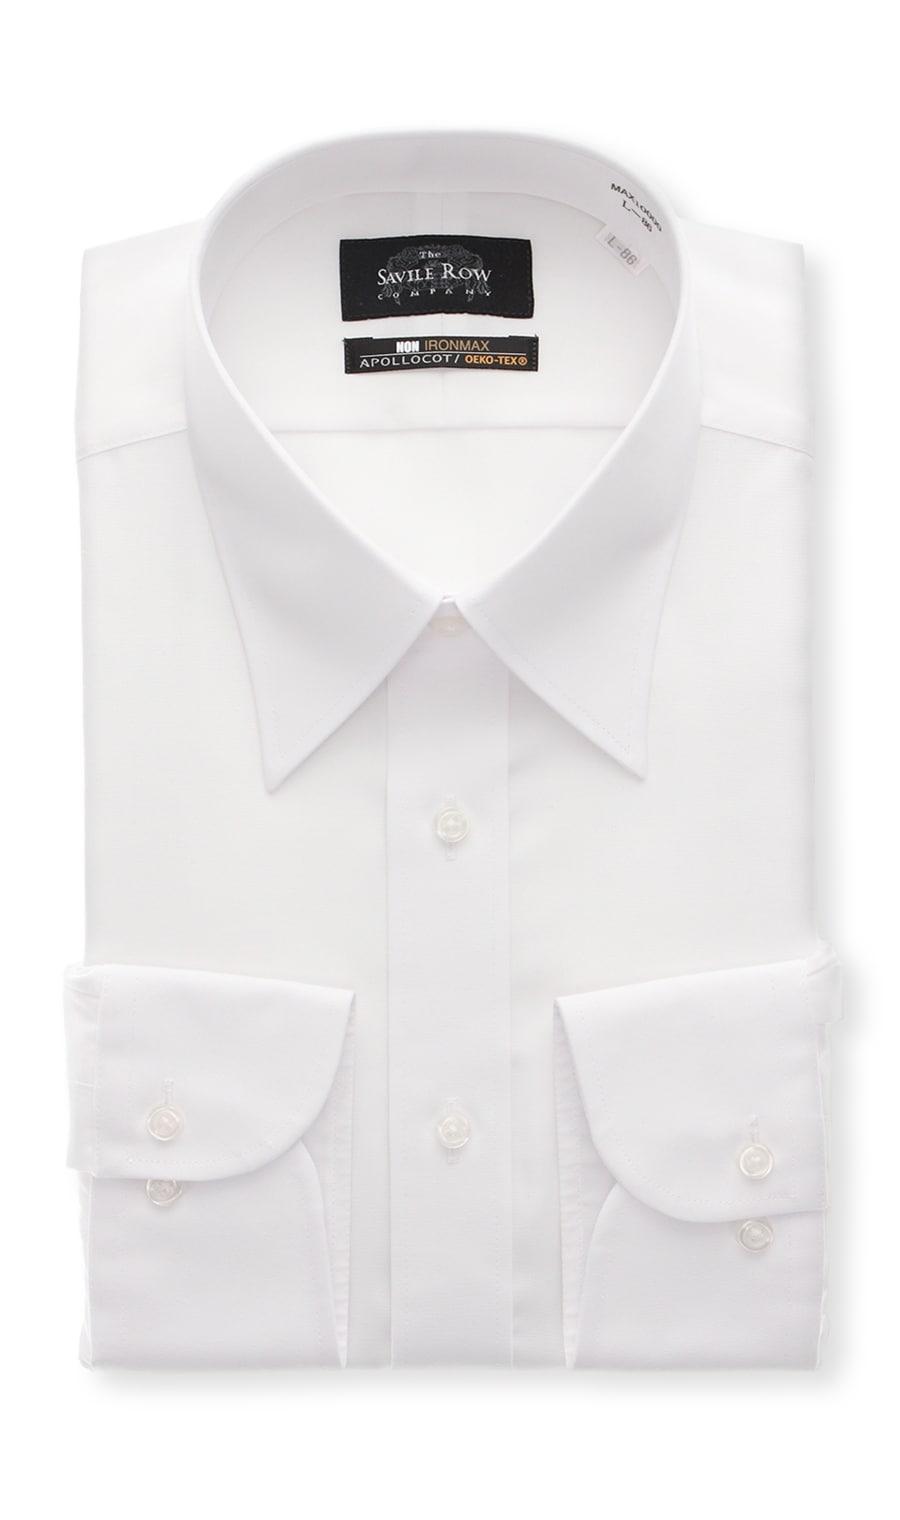 レギュラーカラースタンダードワイシャツ【NON IRONMAX】Savile Row